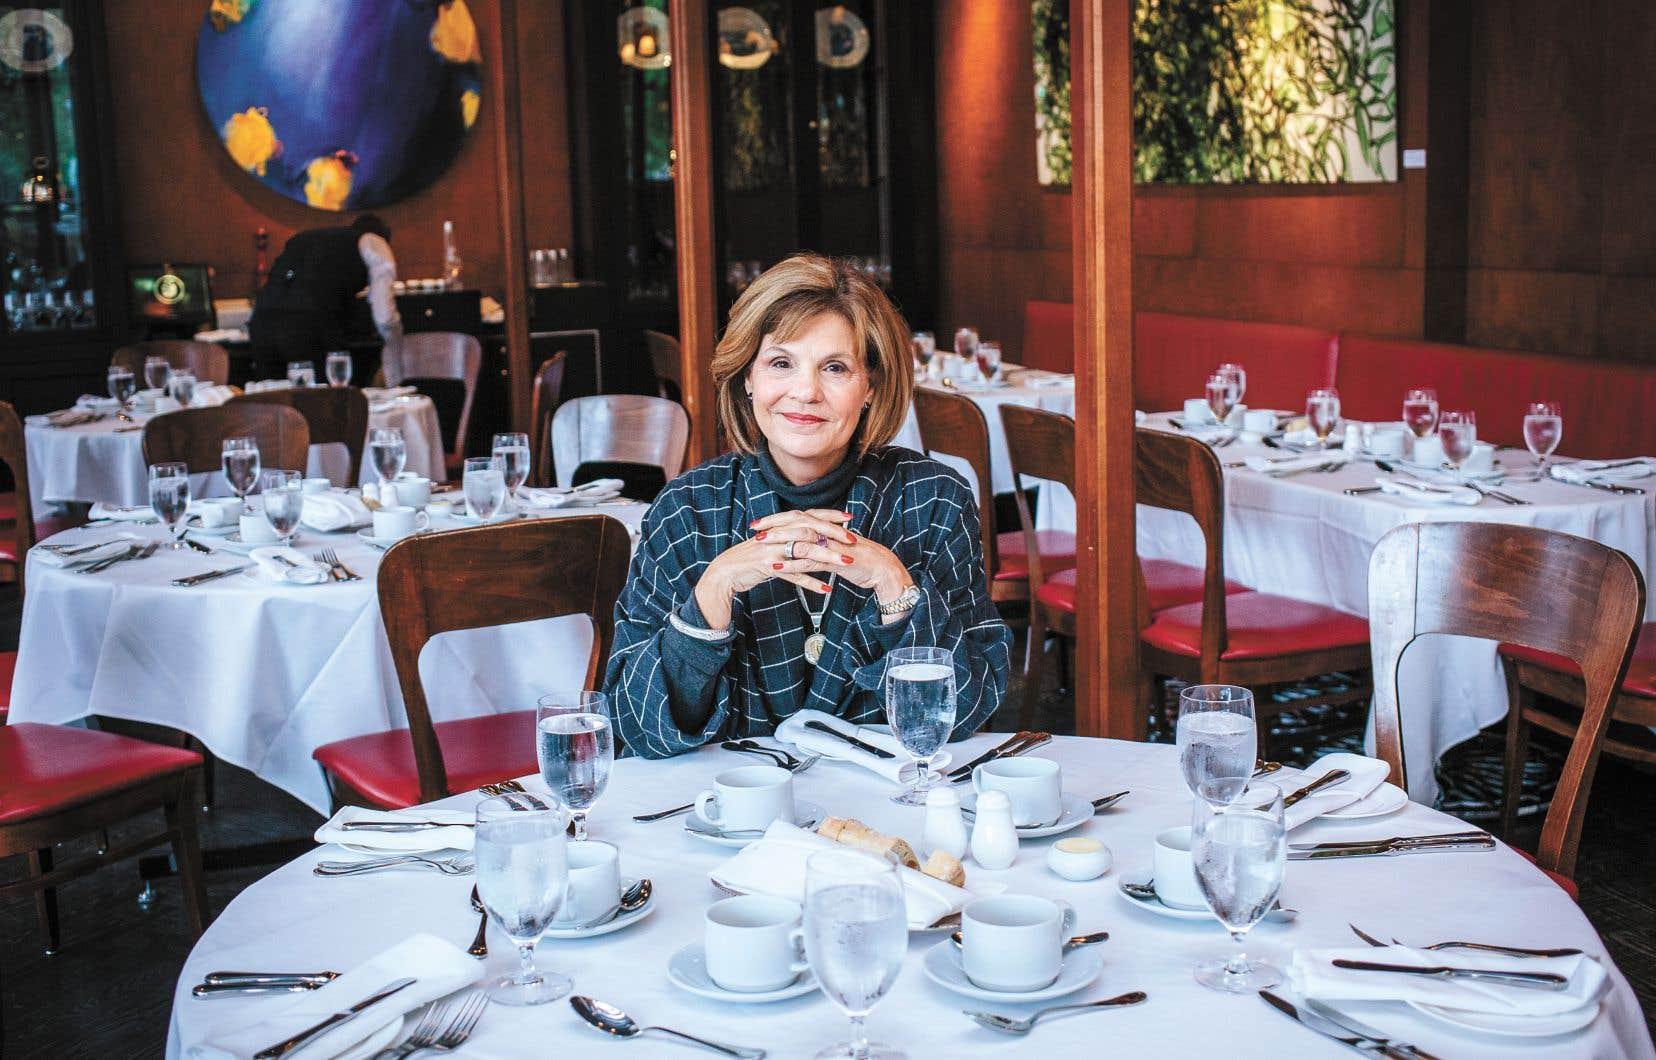 Liza Frulla, ancienne députée libérale, a été nommée en août 2015 par le gouvernement Couillard pour administrer le principal établissement d'enseignement professionnel, technique et universitaire de tourisme, d'hôtellerie et de restauration du Québec.